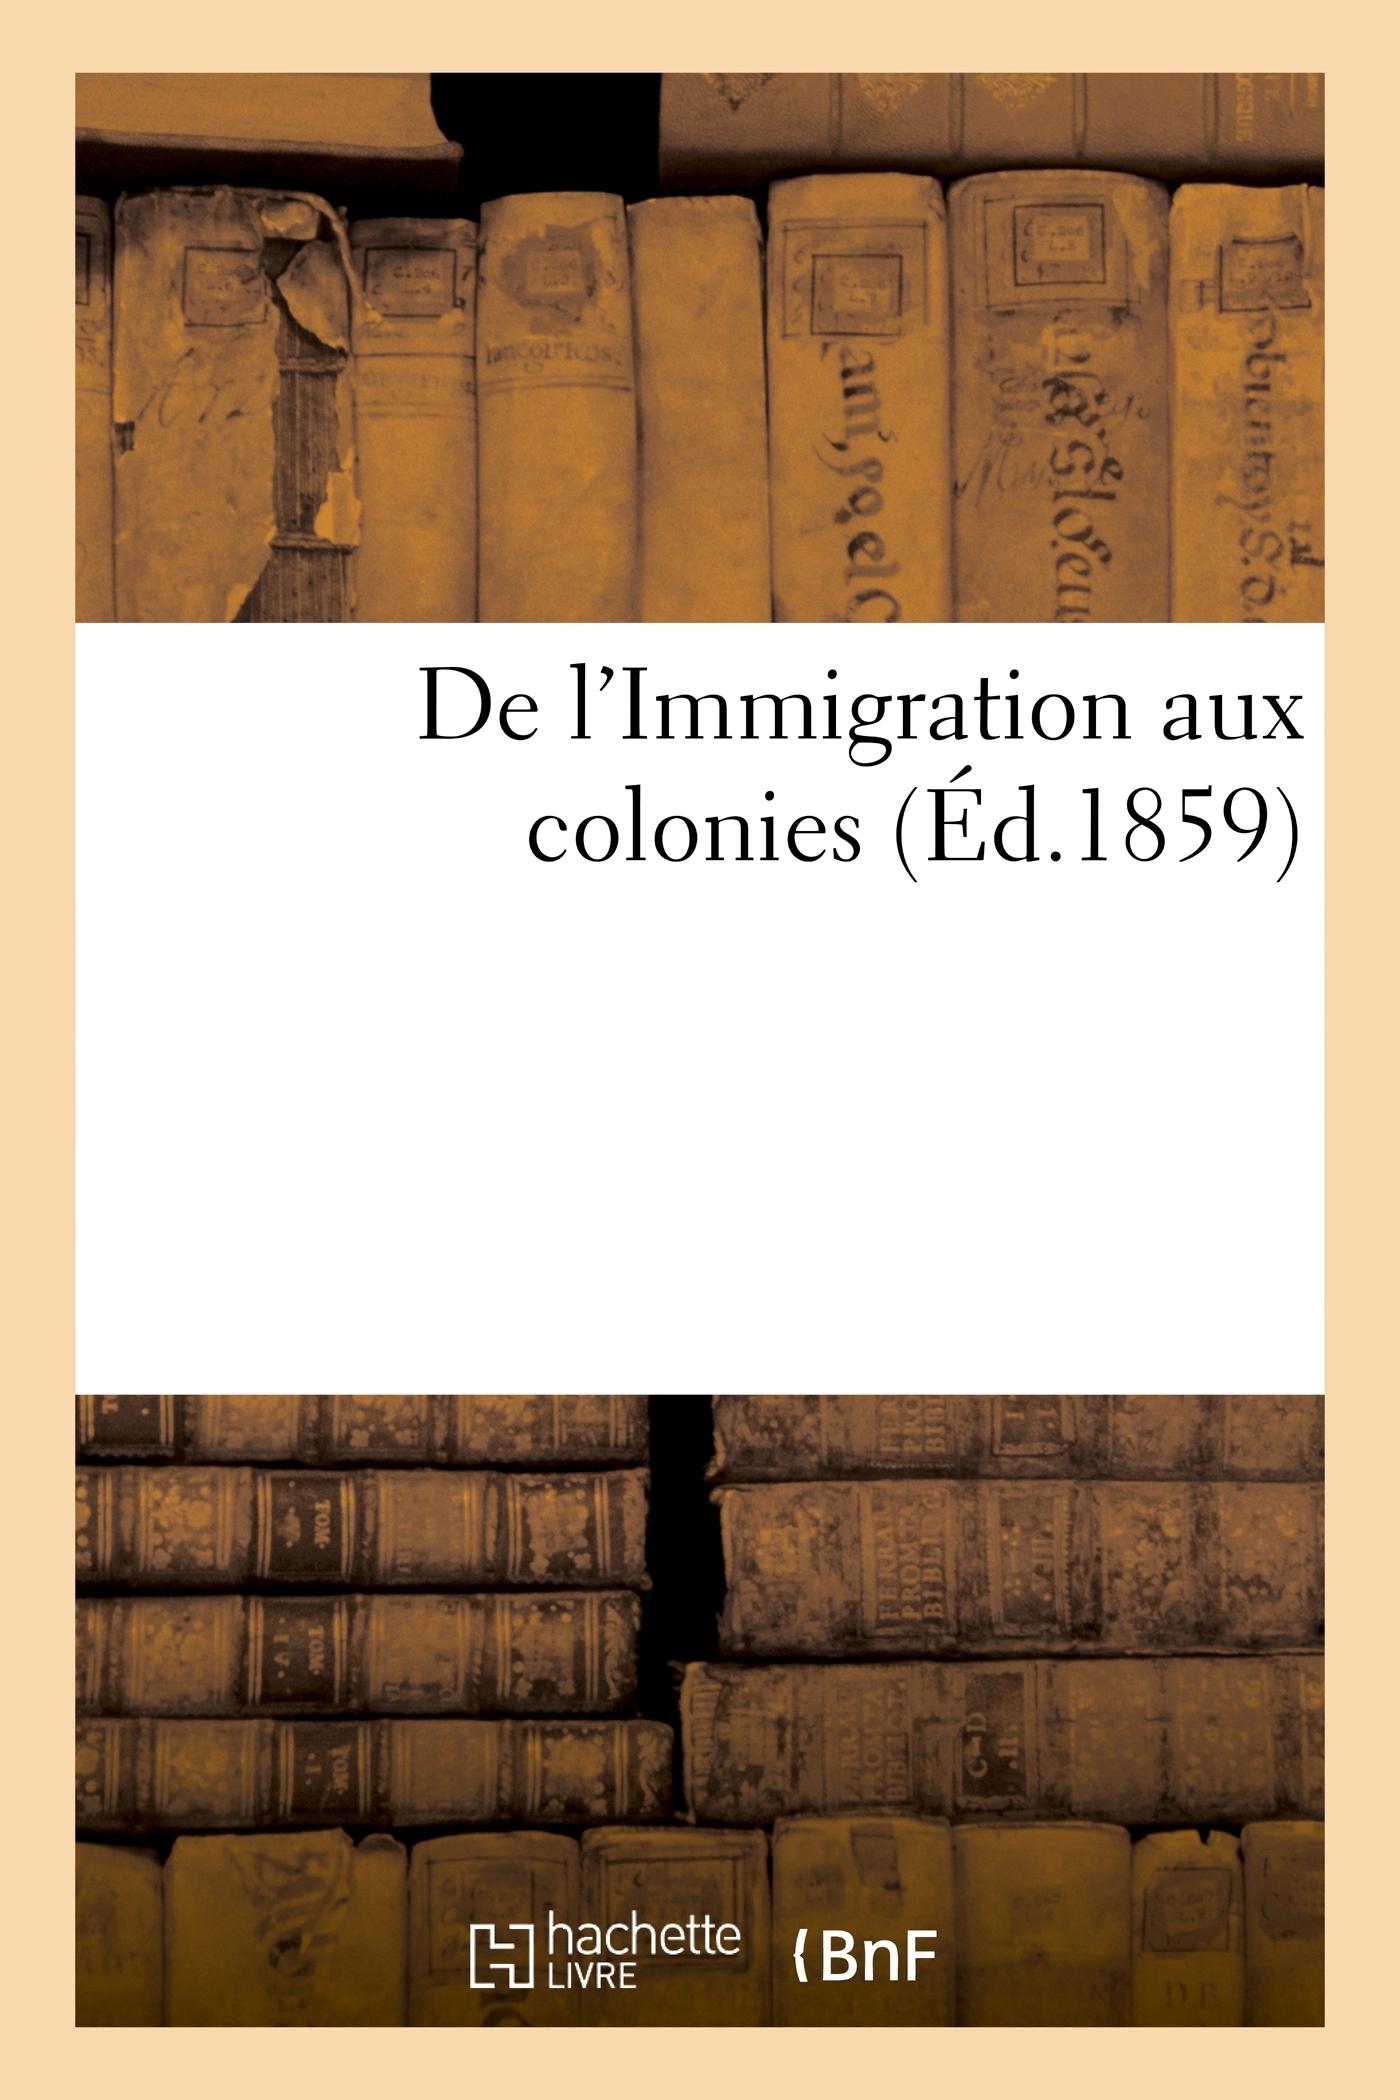 DE L'IMMIGRATION AUX COLONIES